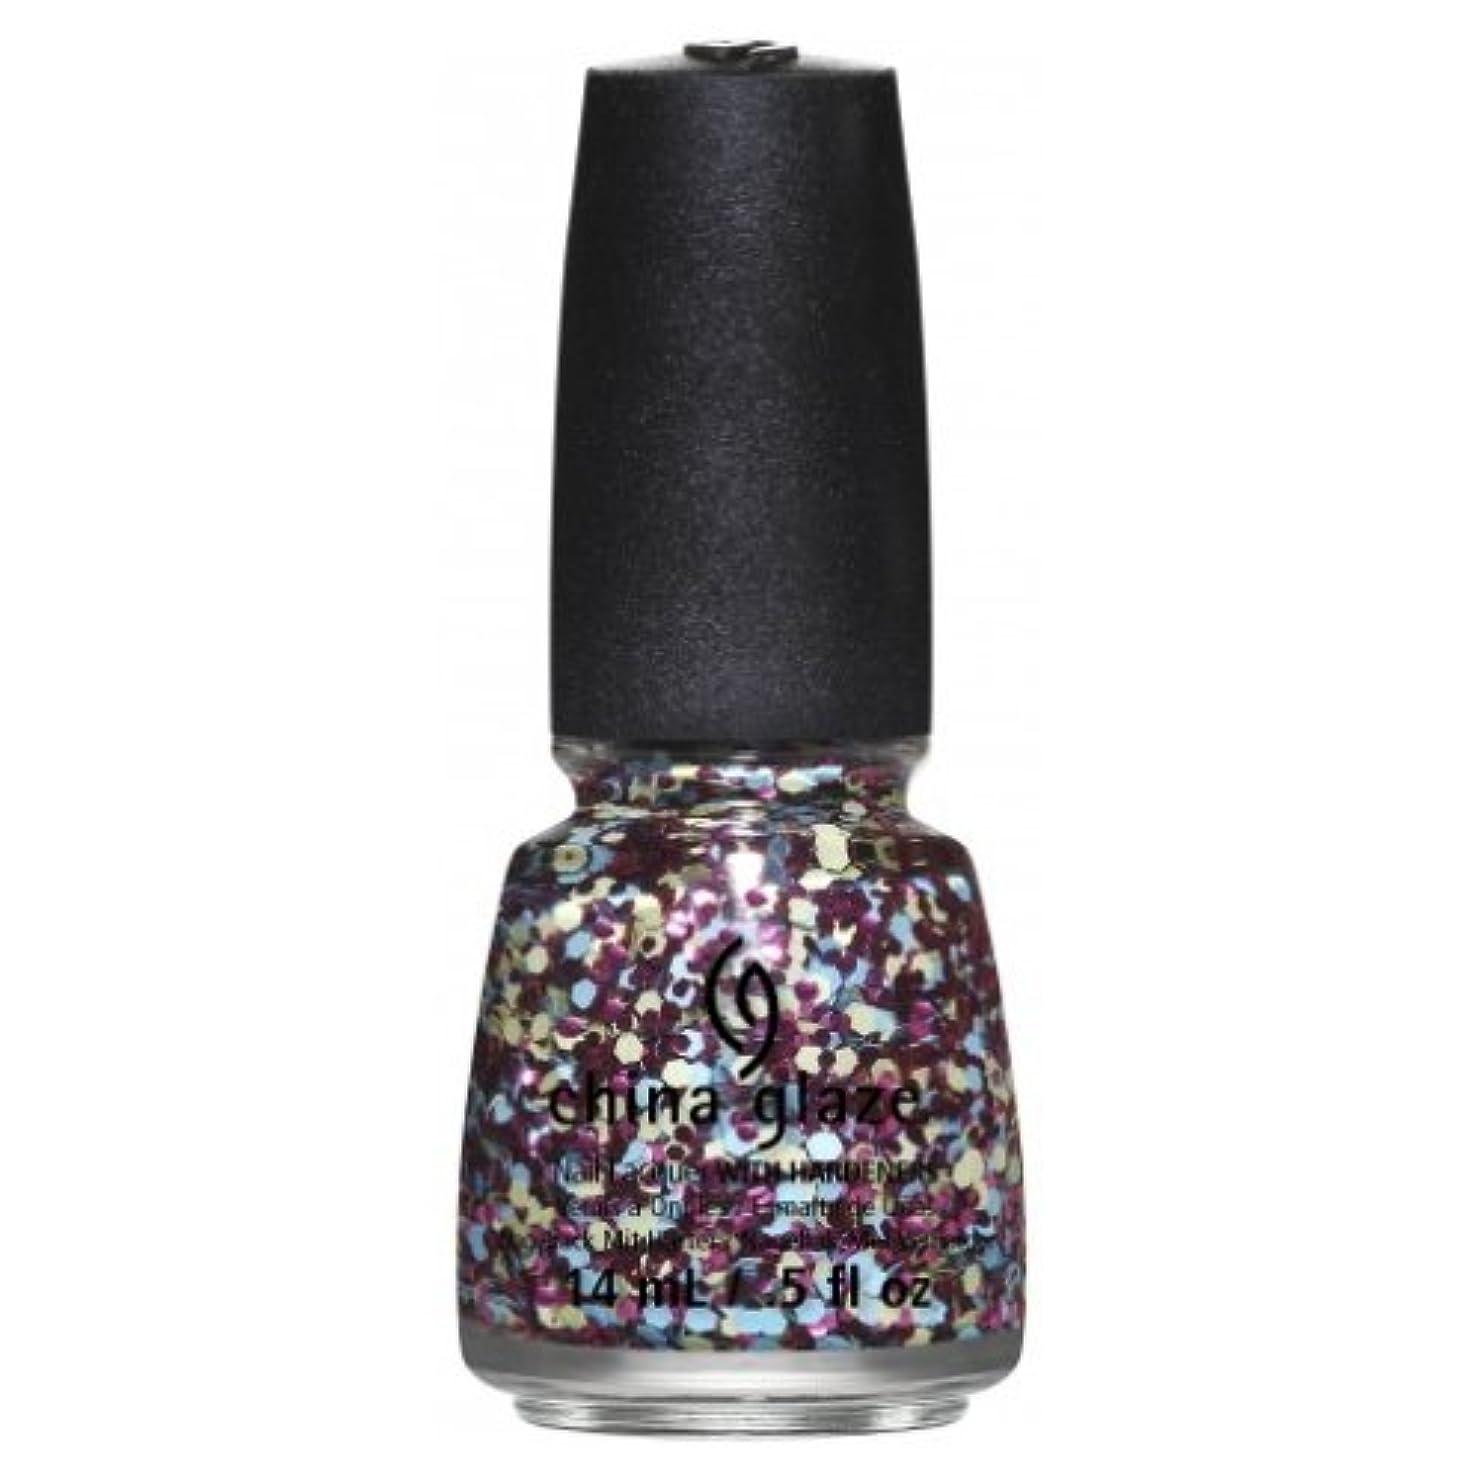 言い聞かせる官僚装備する(3 Pack) CHINA GLAZE Nail Lacquer - Suprise Collection - I'm A Go Glitter (並行輸入品)